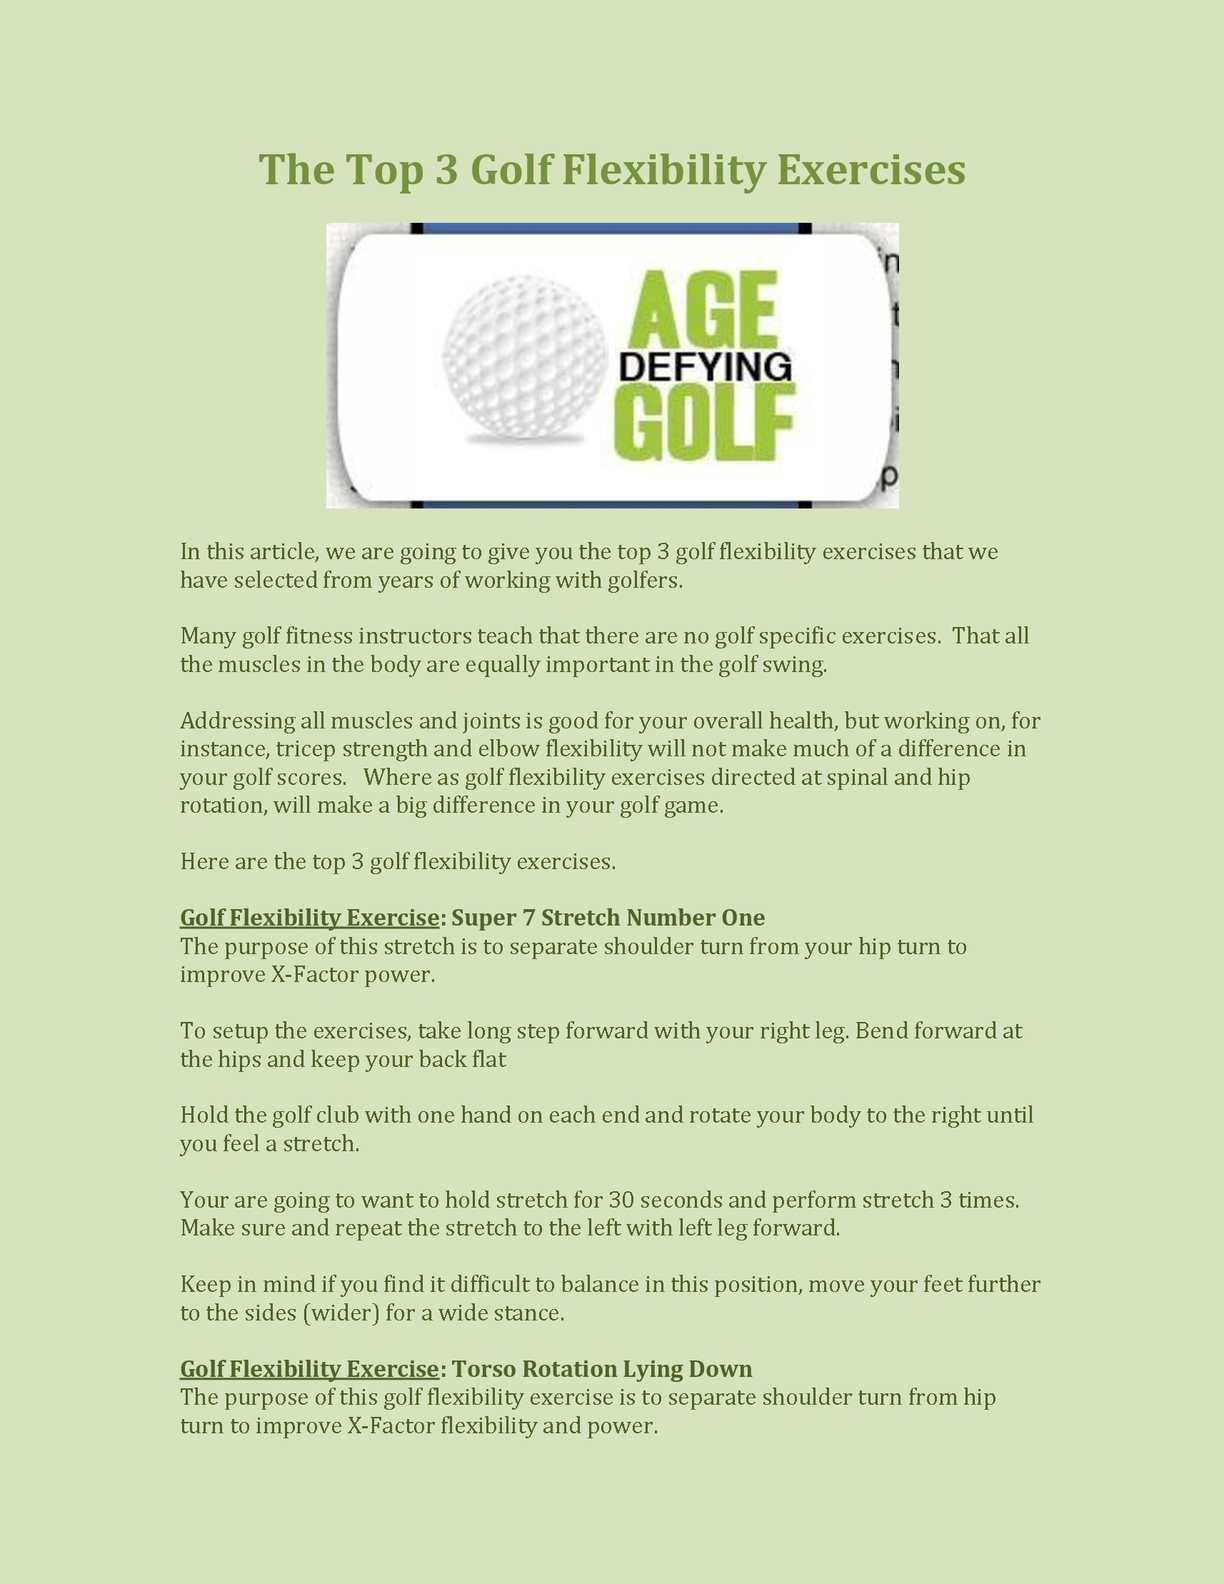 Calaméo - The Top 3 Golf Flexibility Exercises